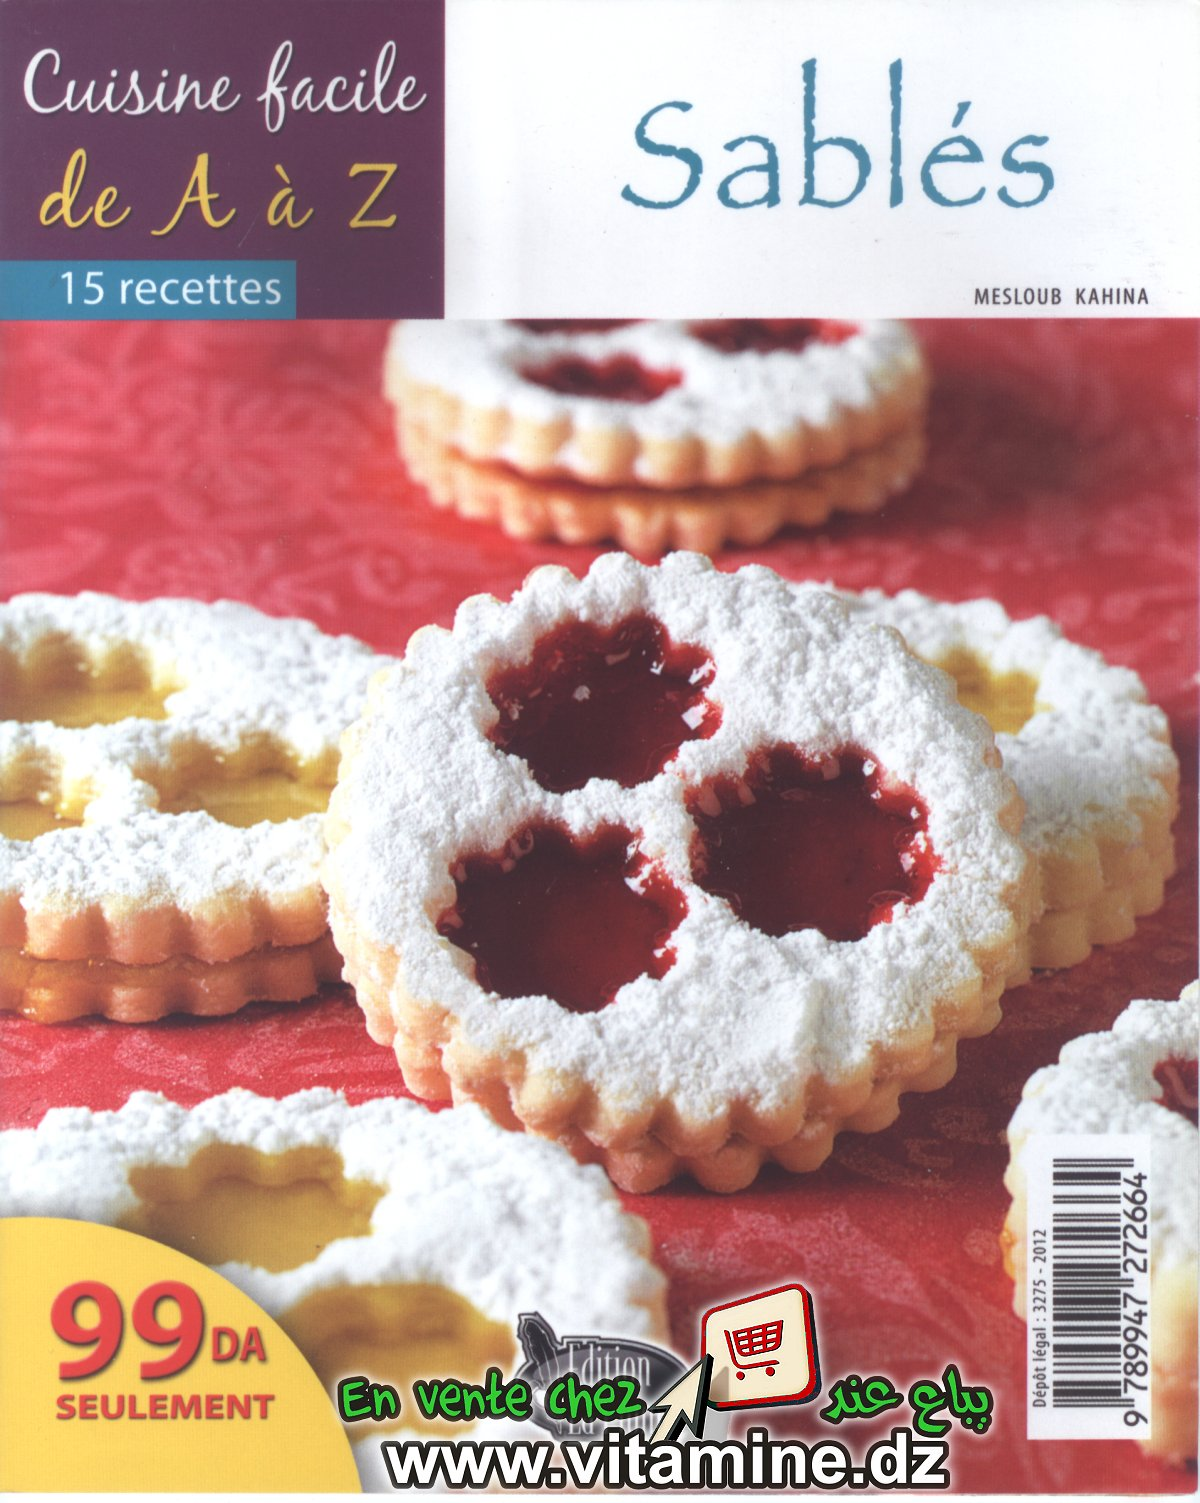 Cuisine facile de A à Z - Sablés